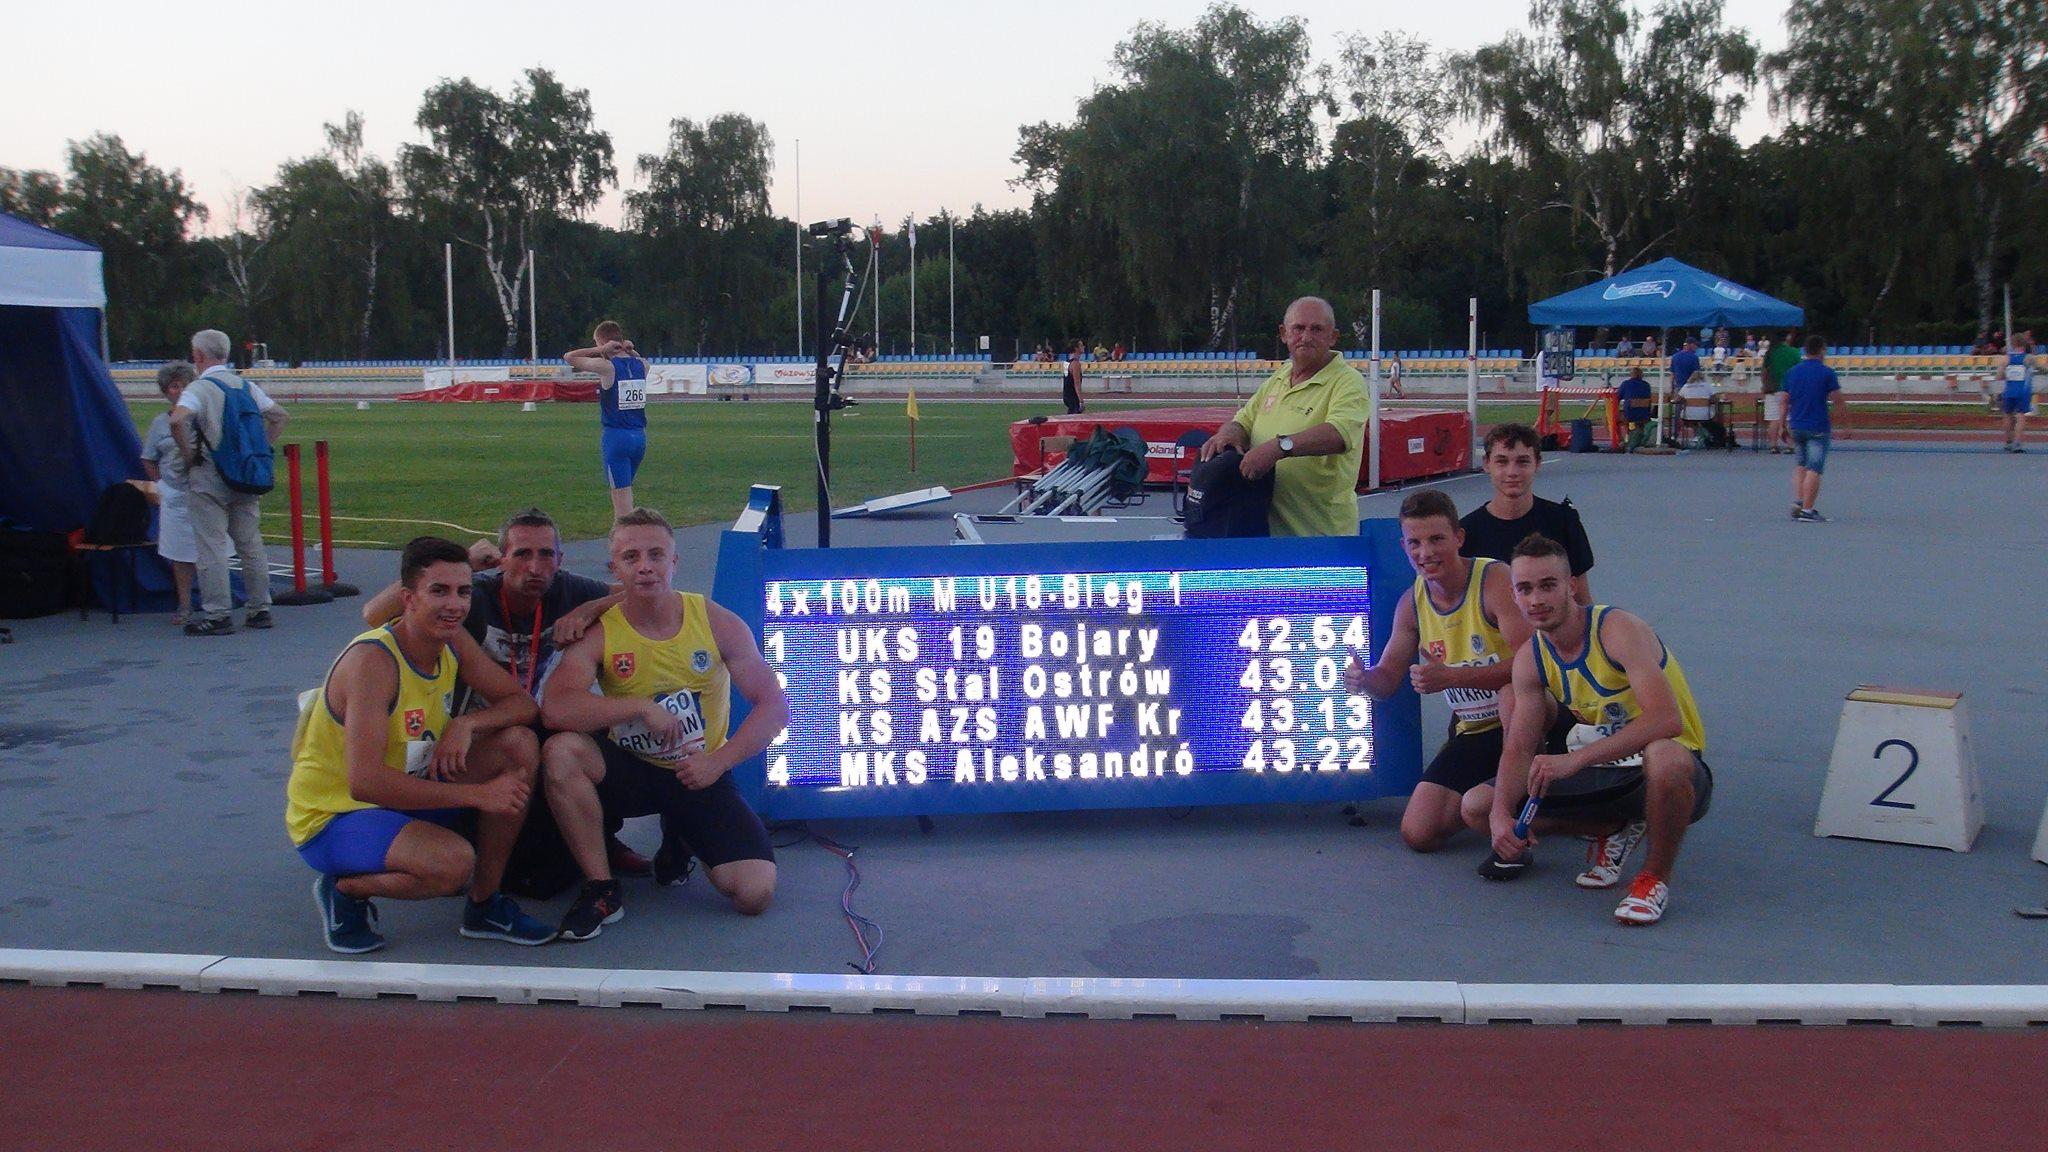 KS Stal Ostrów Wlkp. - sztafeta 4x100m fot. Michał Walczak